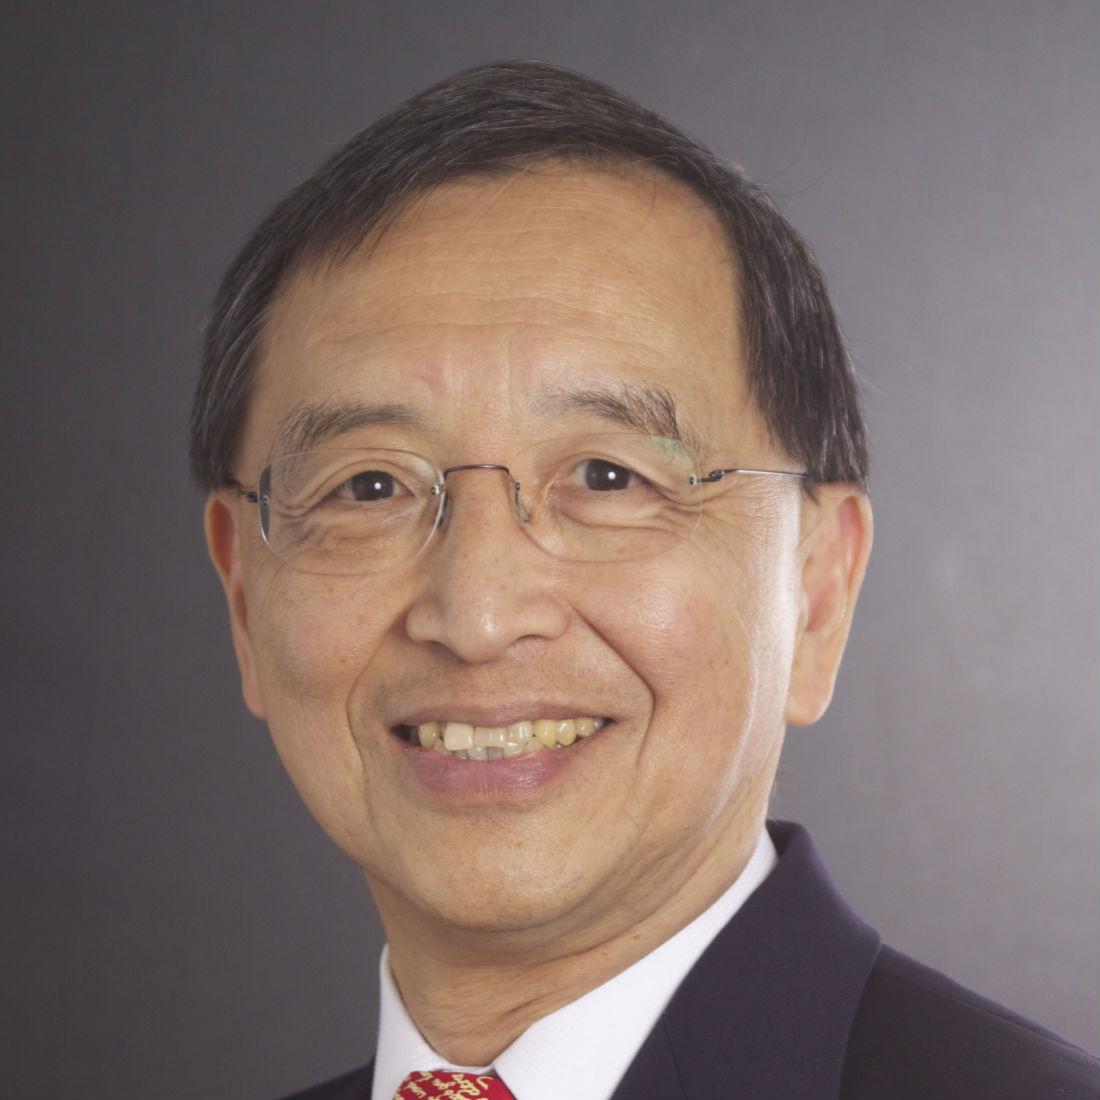 Anthony D. Ho